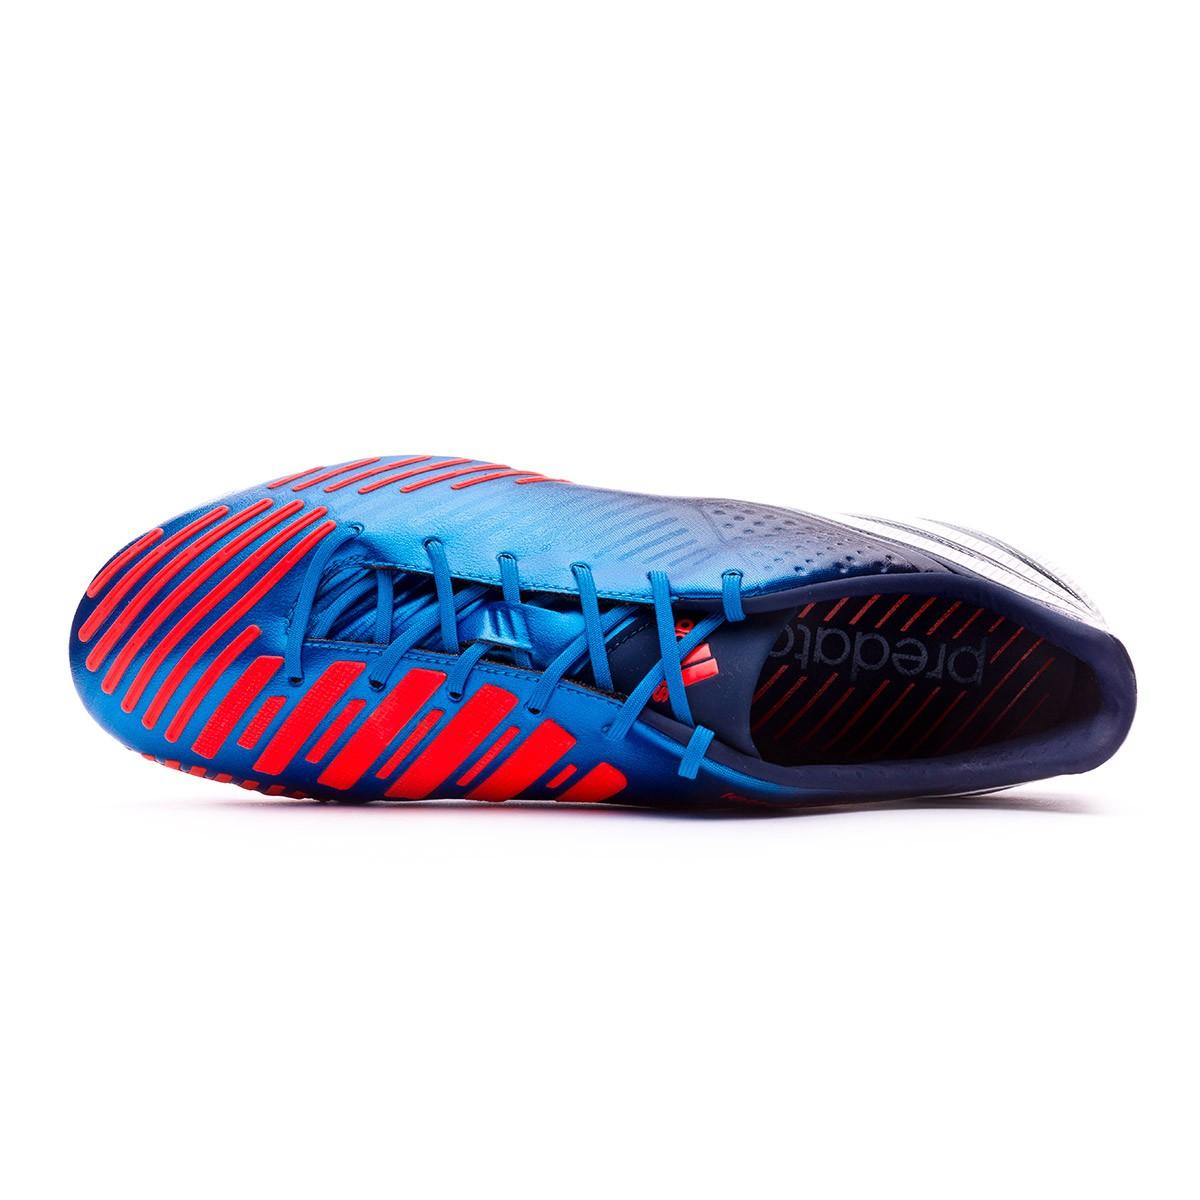 Fútbol Adidas Azul Fg De Trx Zapatos Predator Infrarrojo Lz Blanco PiwkXOZuT